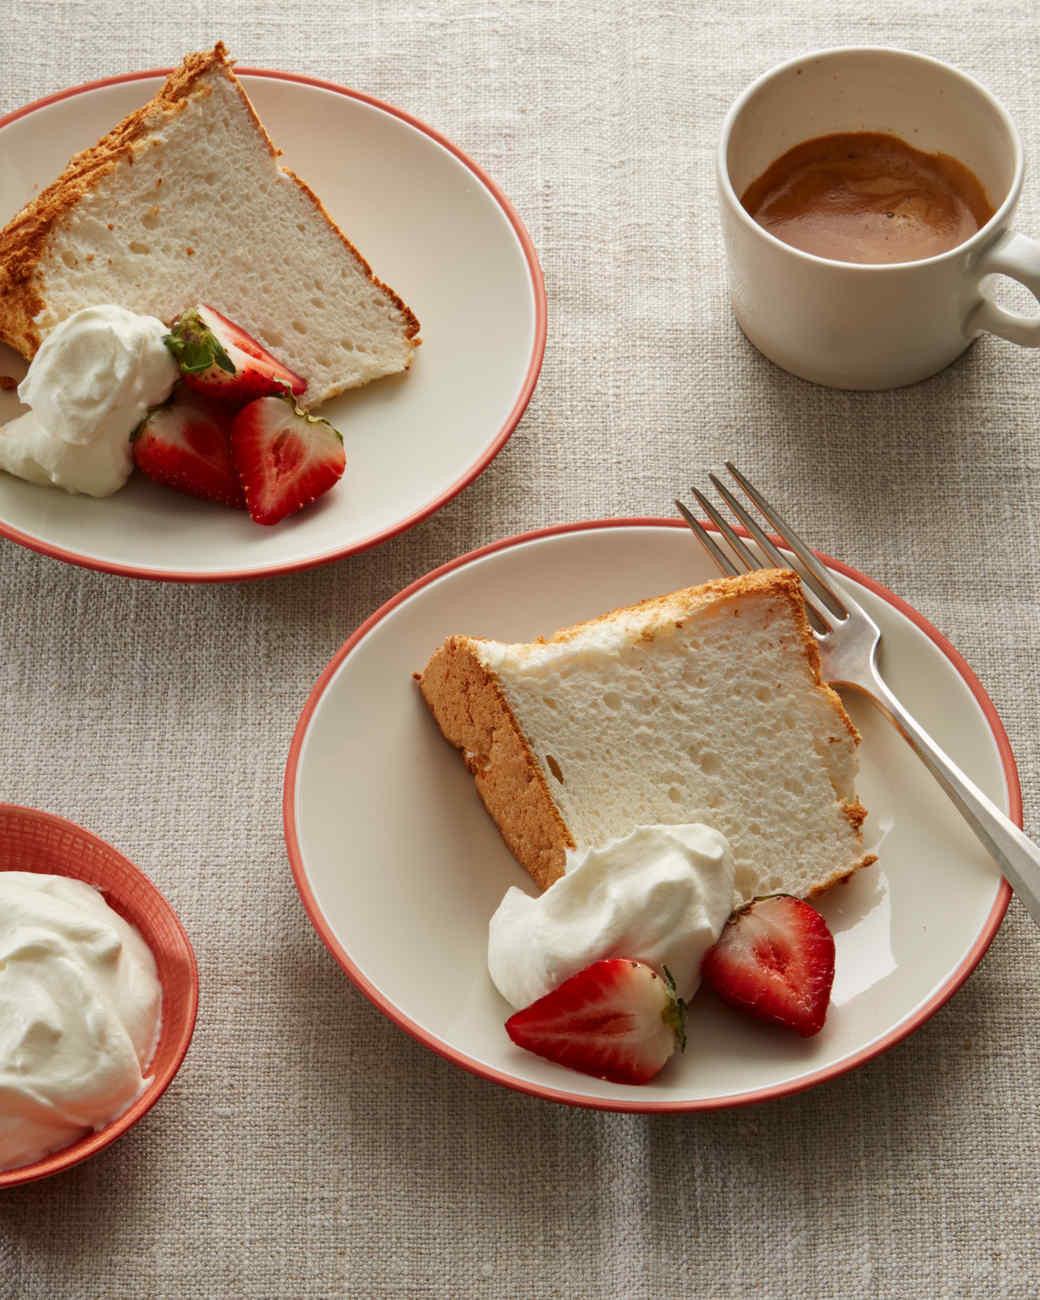 Gluten Free Dairy Free Desserts  15 Supremely Delicious Gluten Free Desserts